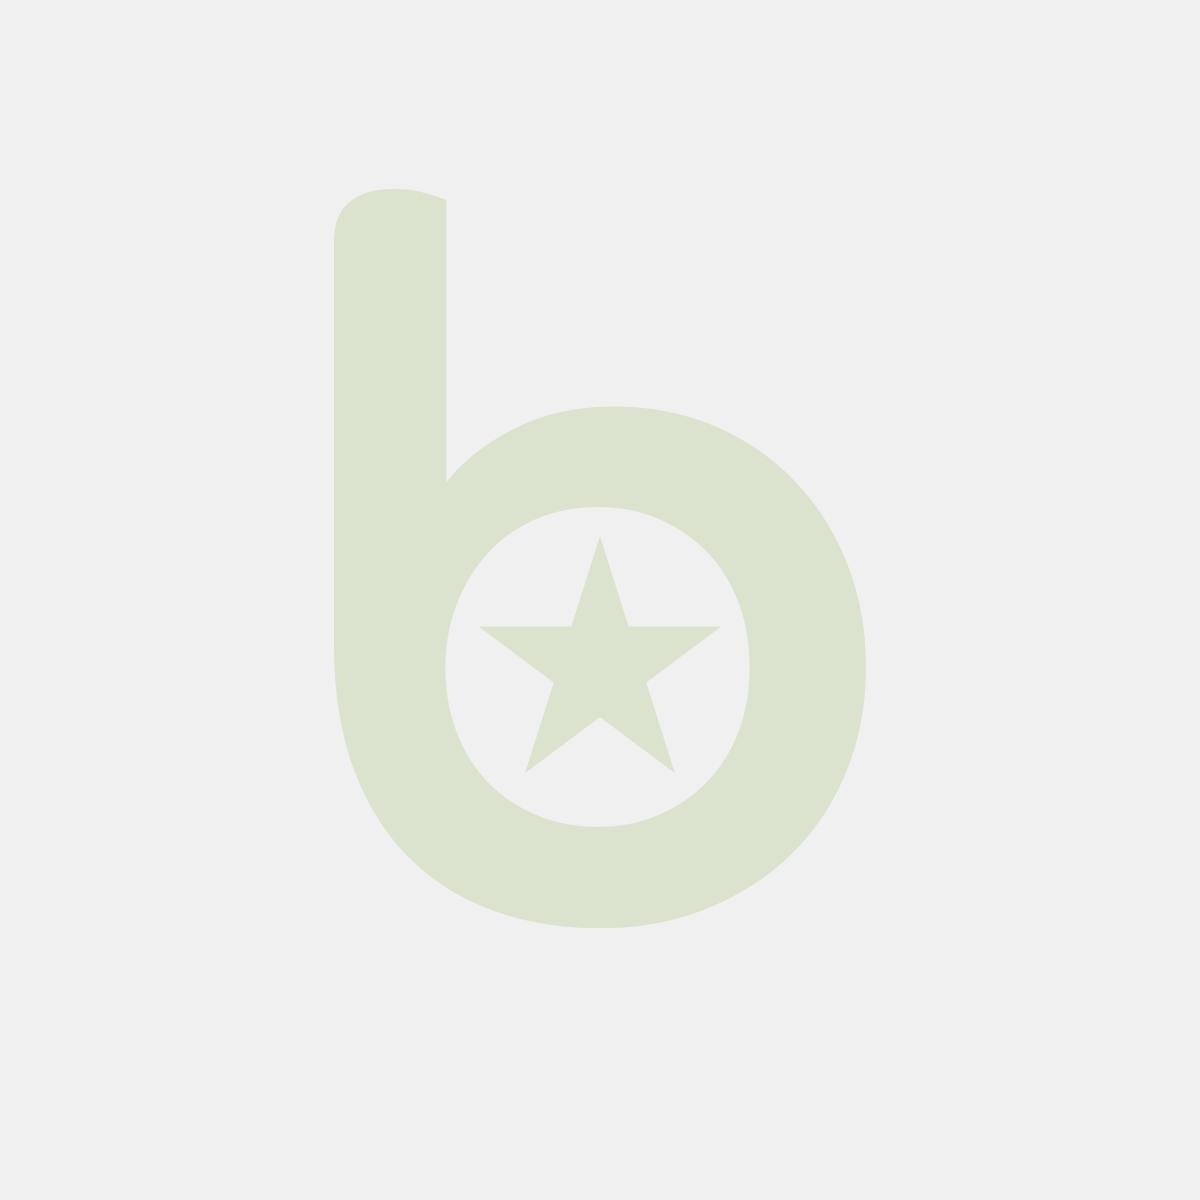 Ramka, matryca do tacek AG02 187x137 niedzielona W1